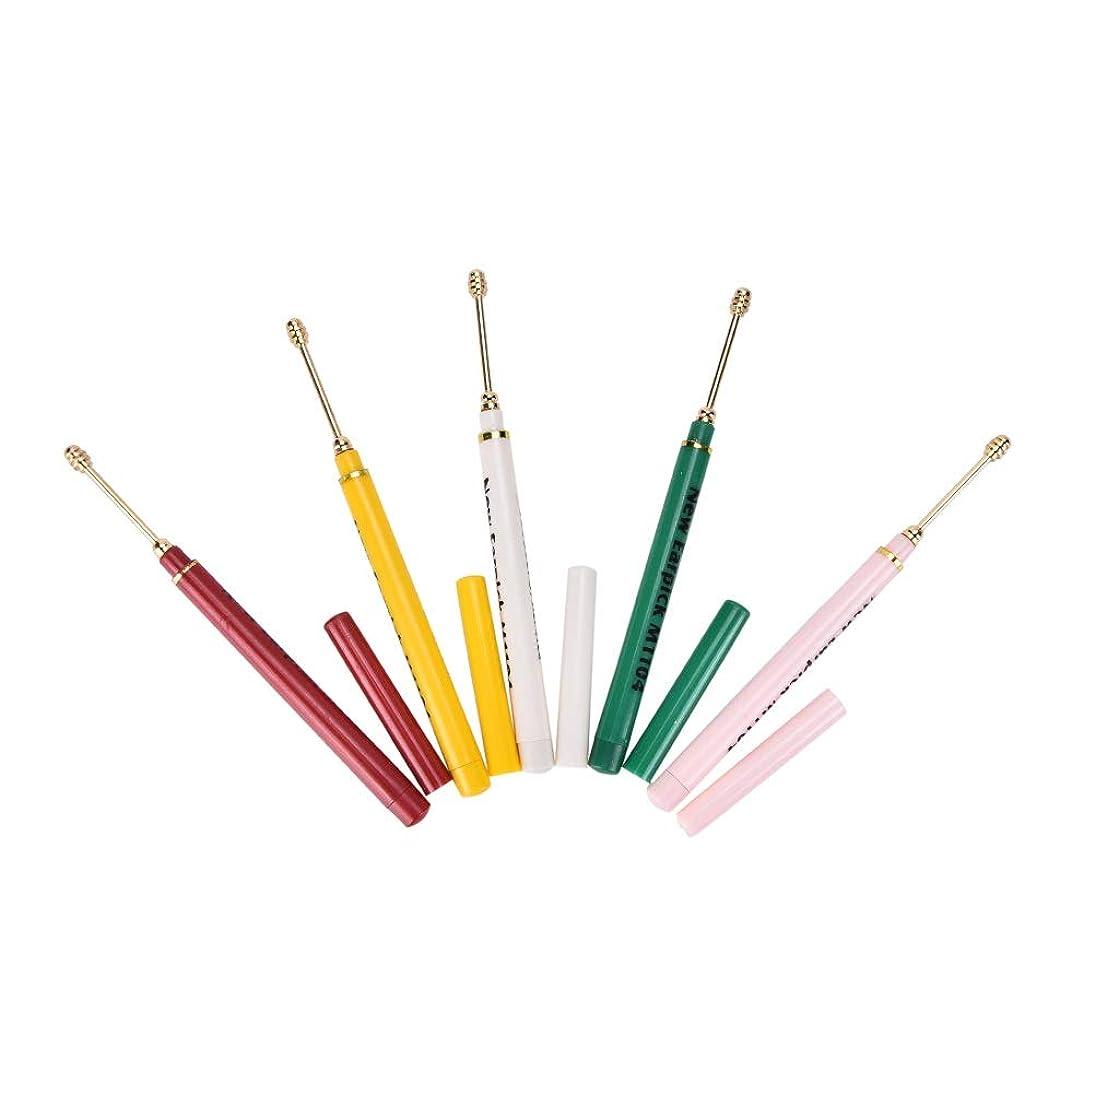 転用相関するシーケンスZHQI-GH ランダムカラー2ピースイヤホンスプーンツールクリーン耳ワックスキュレットリムーバーヘルスケアカラフルなギフト (Color : Multi-colored)